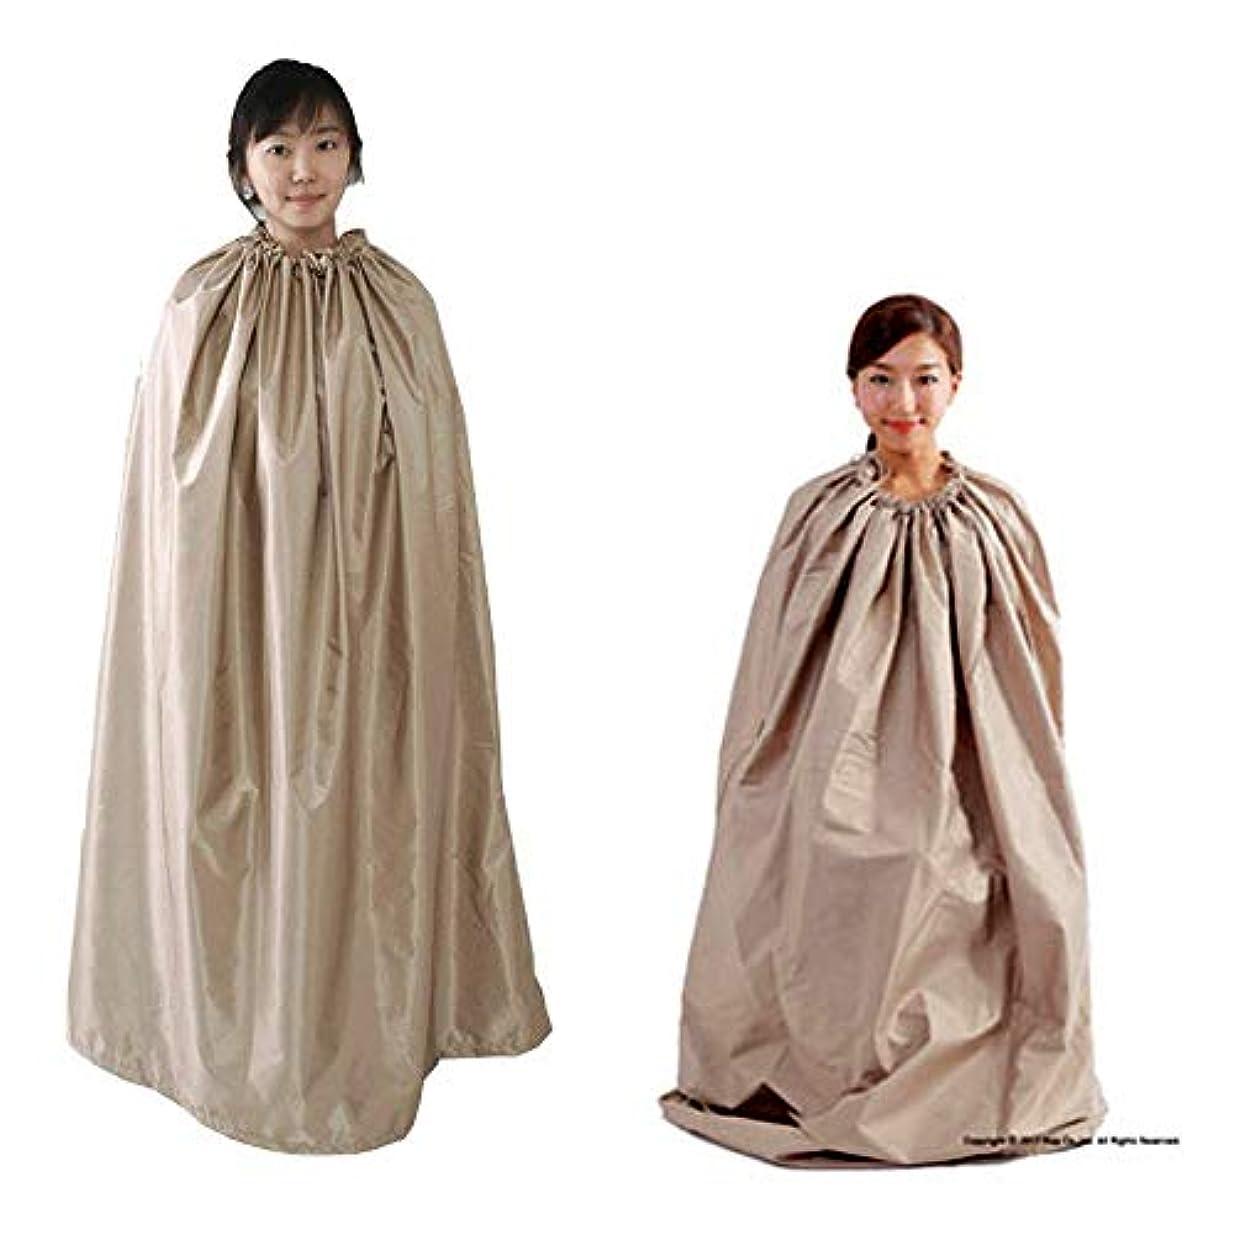 マニフェスト摂氏度とは異なりヨモギ蒸しマント 高級型、布 色はブラウン